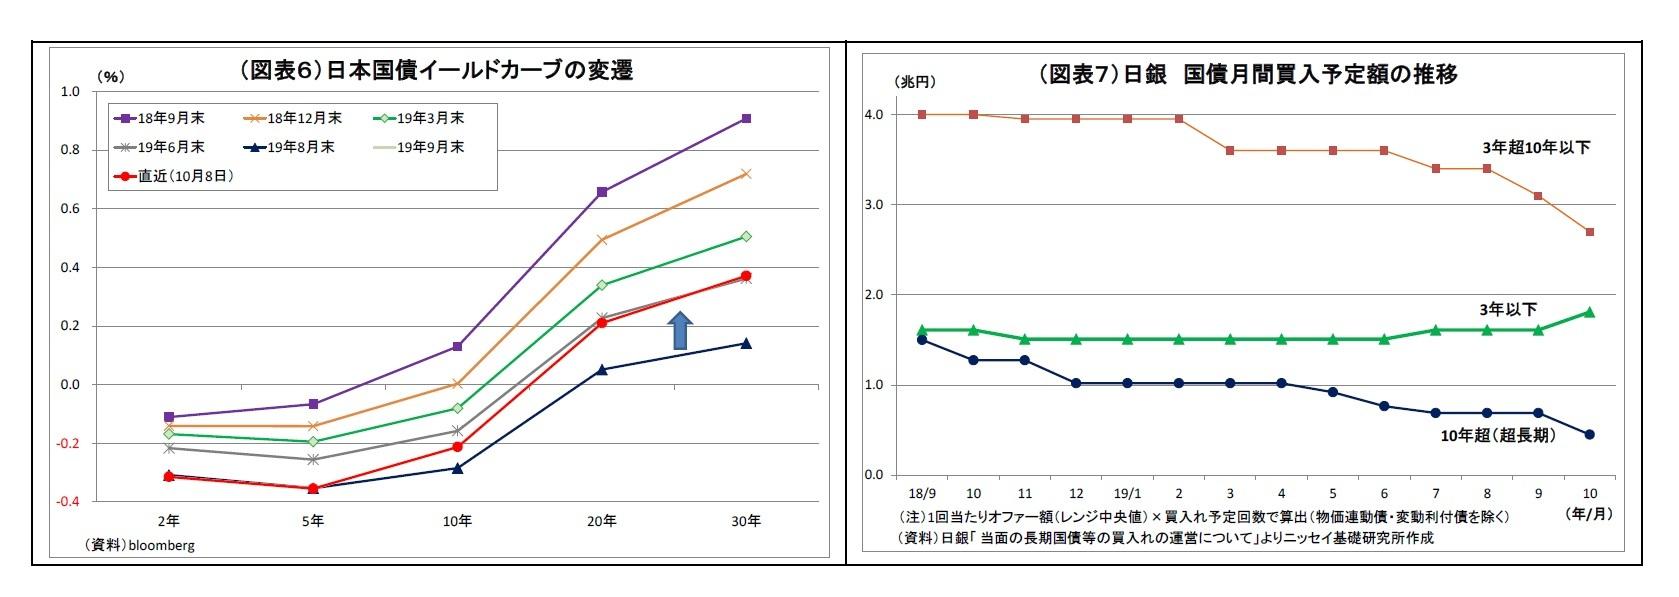 (図表6)日本国債イールドカーブの変遷/(図表7)日銀国債月間買入予定額の推移